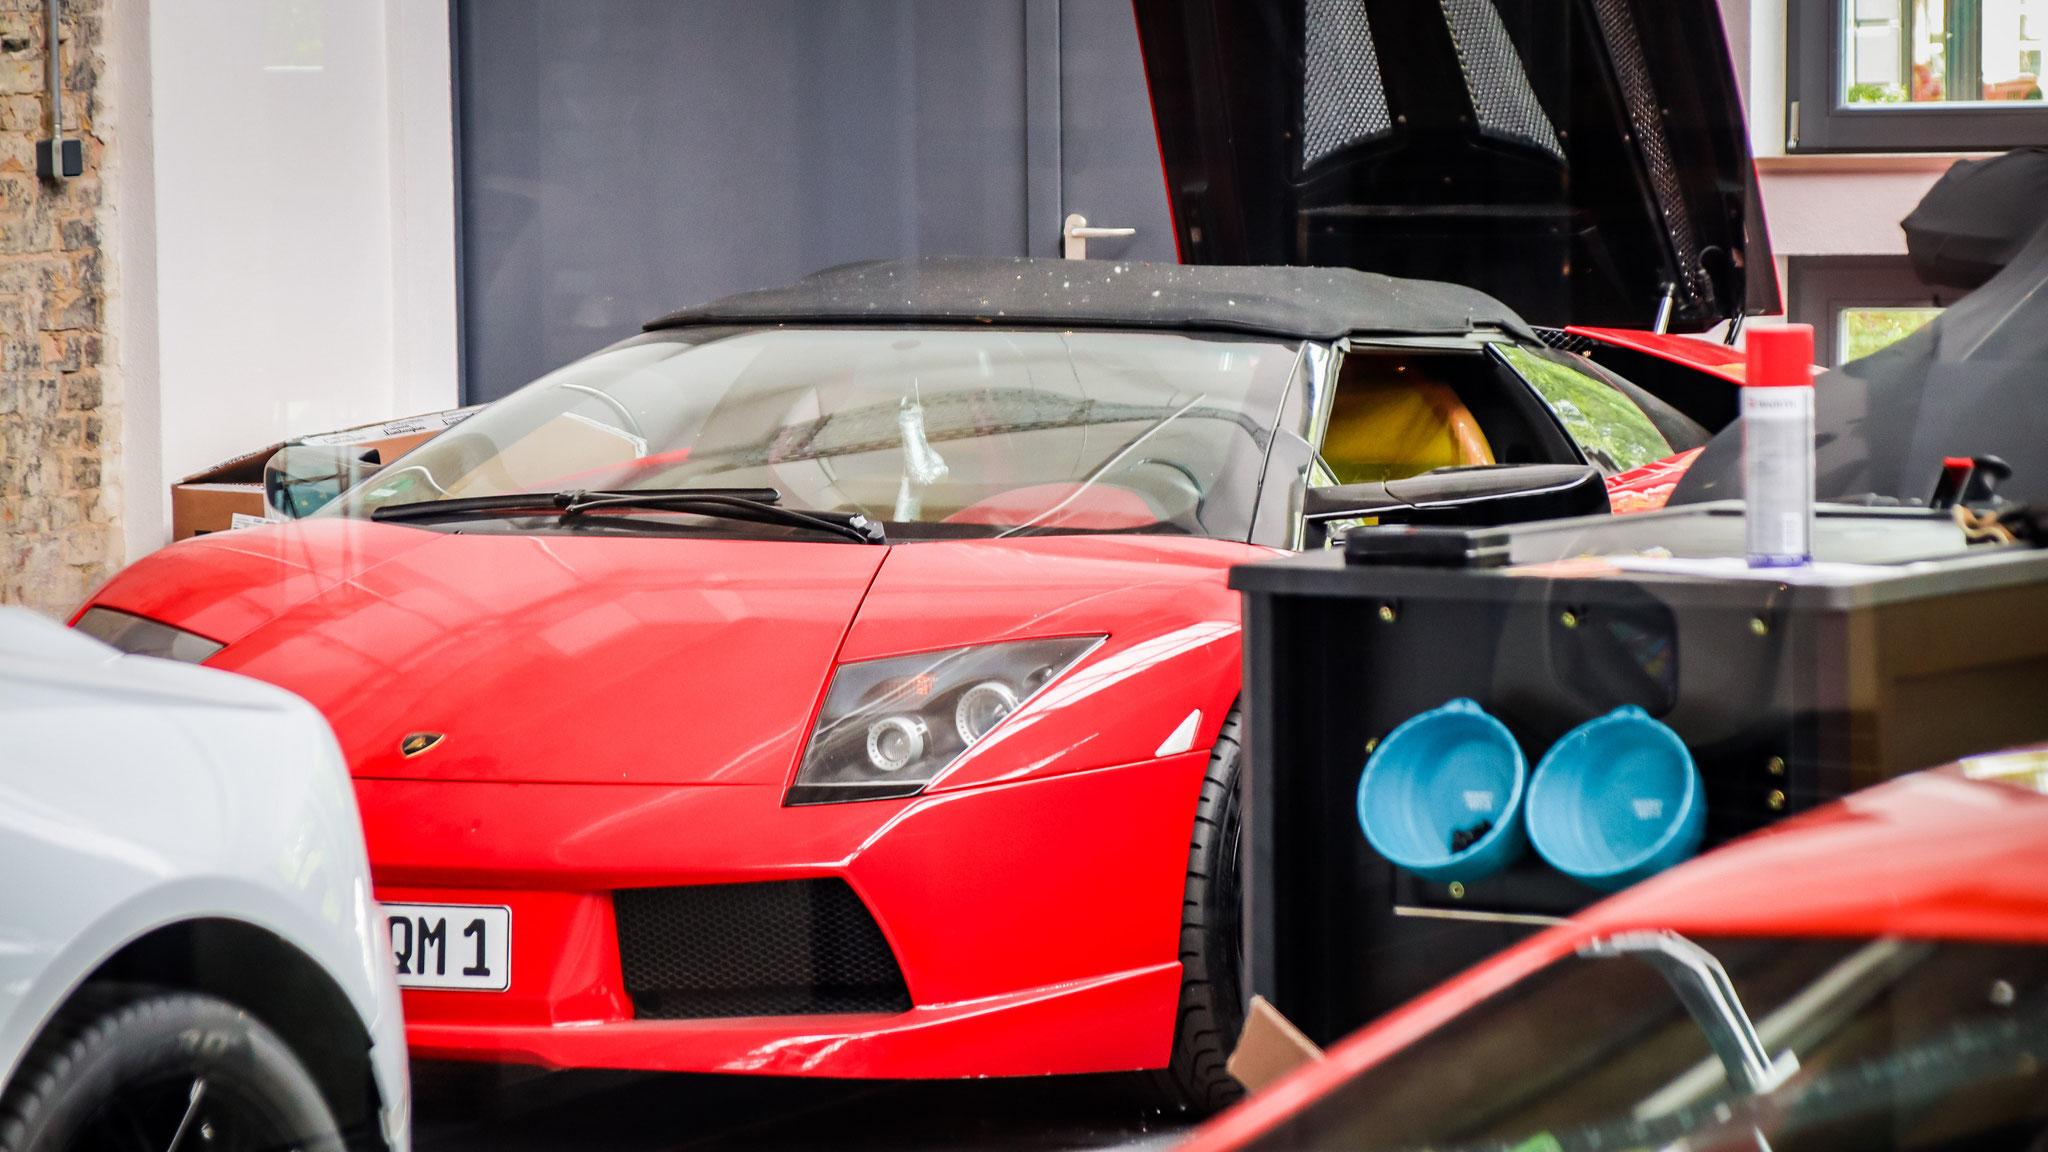 Lamborghini Murcielago Roadster - JL-QM-1